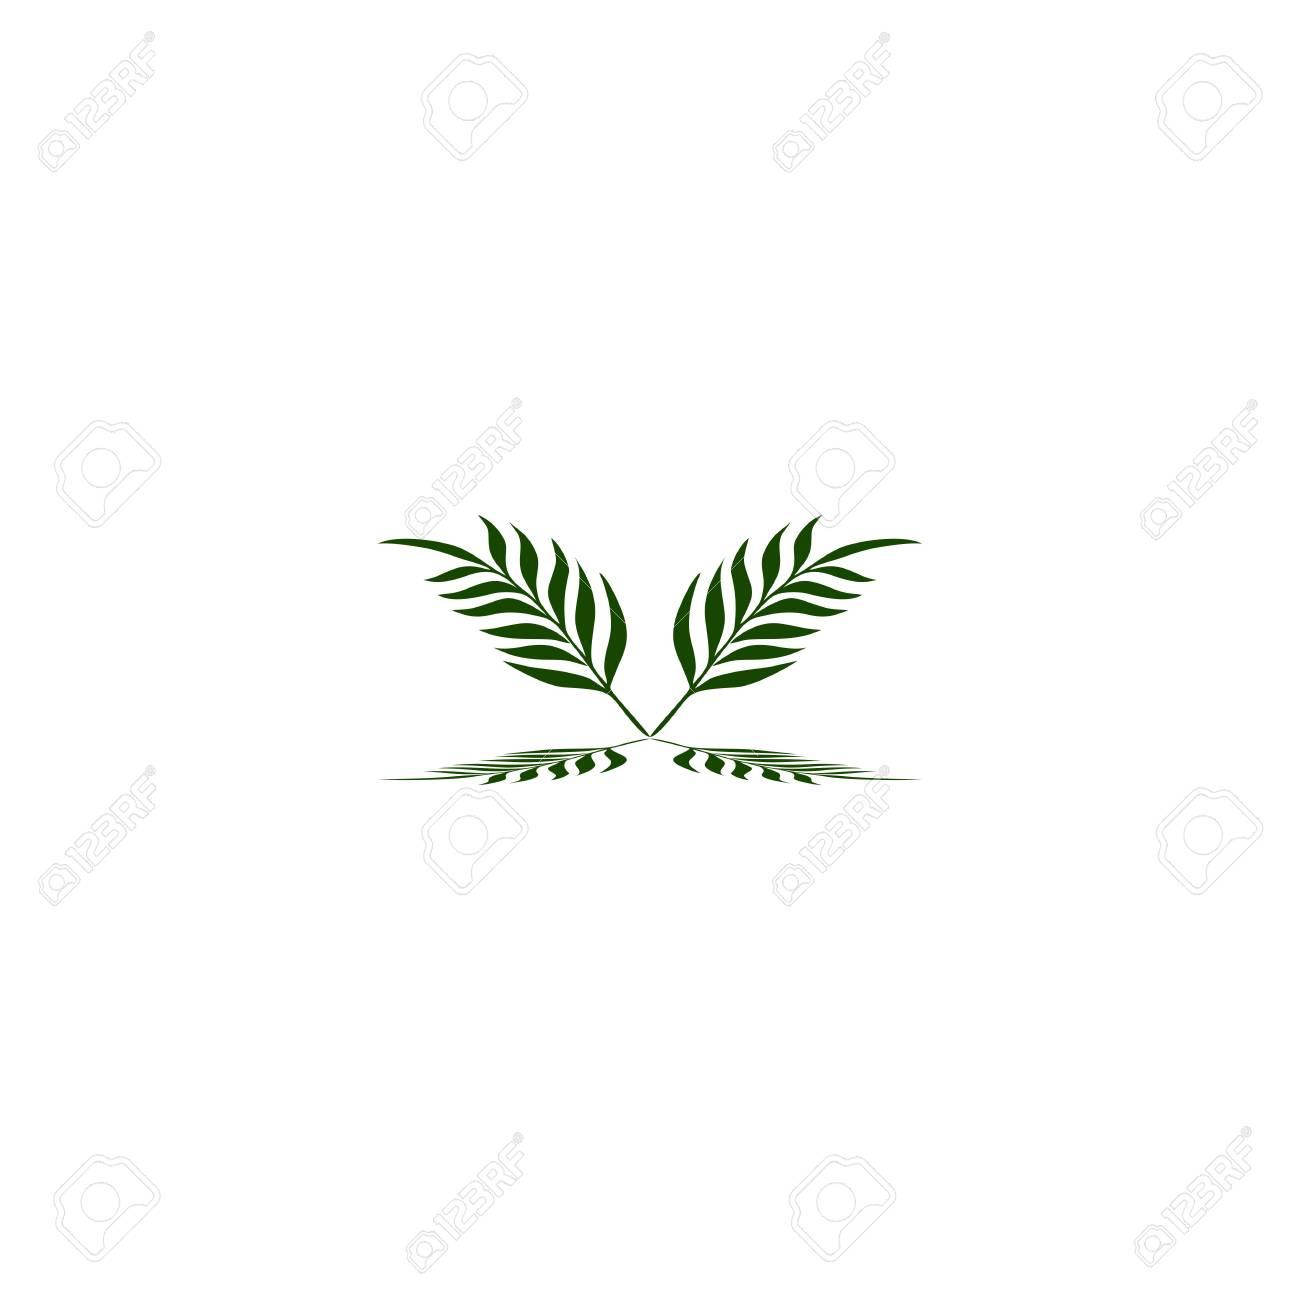 green leaf logo symbol of fertility